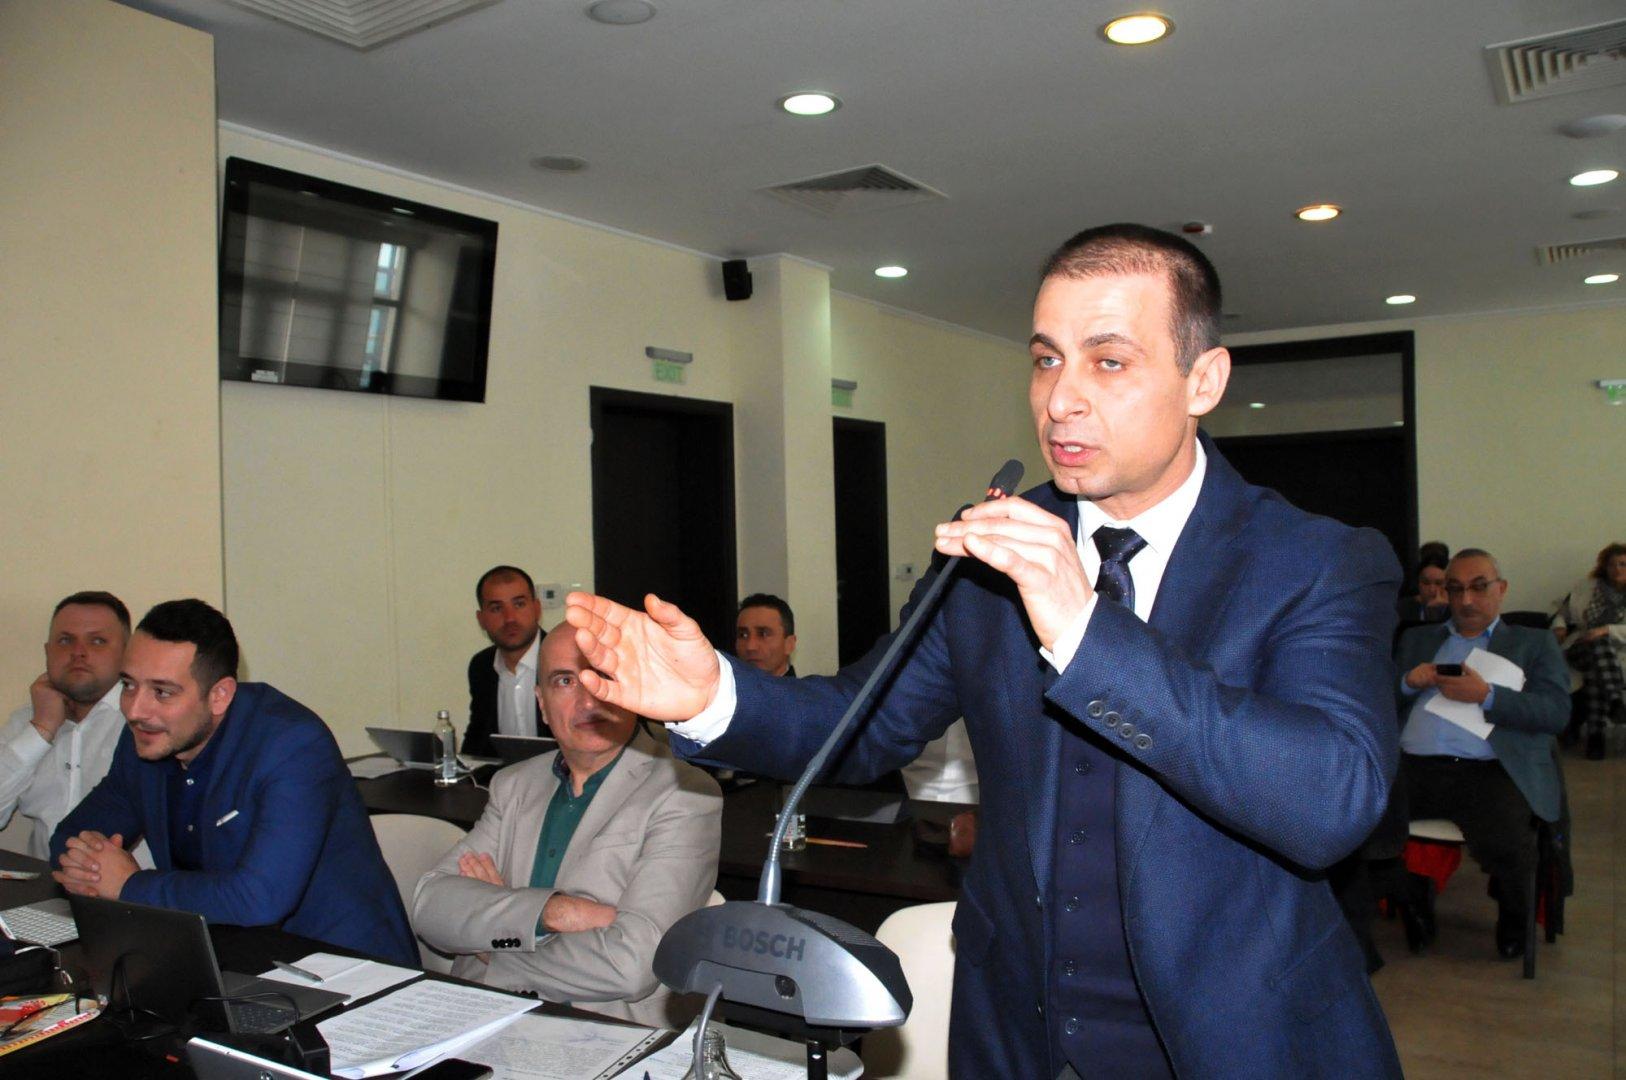 Докладната записка на Живко Табаков (на преден план) ще бъде разгледана на предстоящата сесия на местния парламент в Бургас. Снимка Архив Черноморие-бг